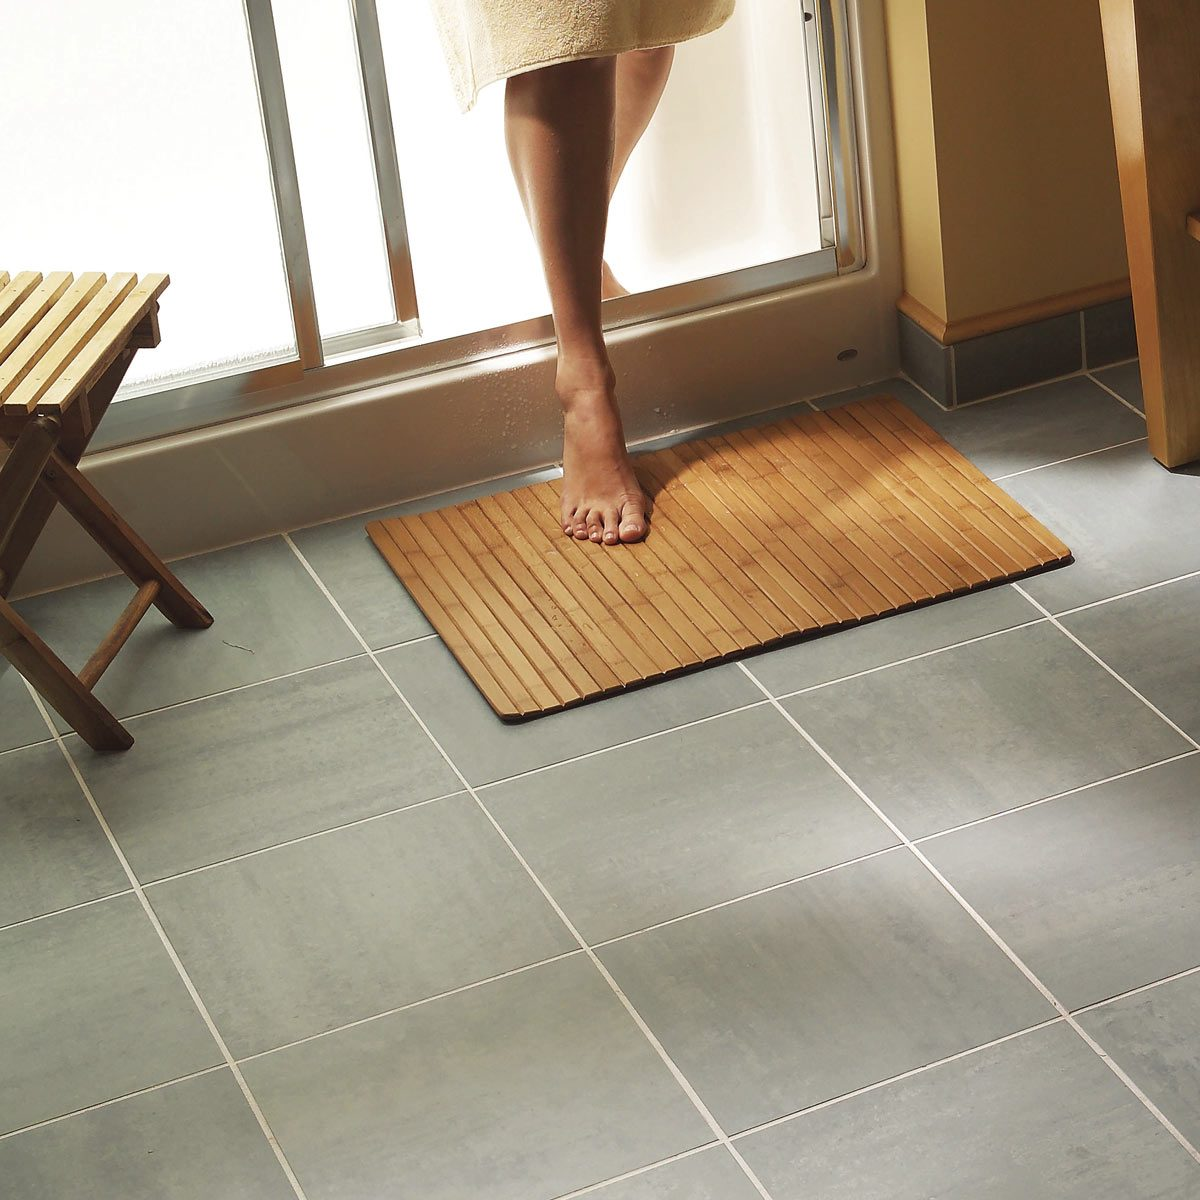 Toilet Flange Height Tile Floor